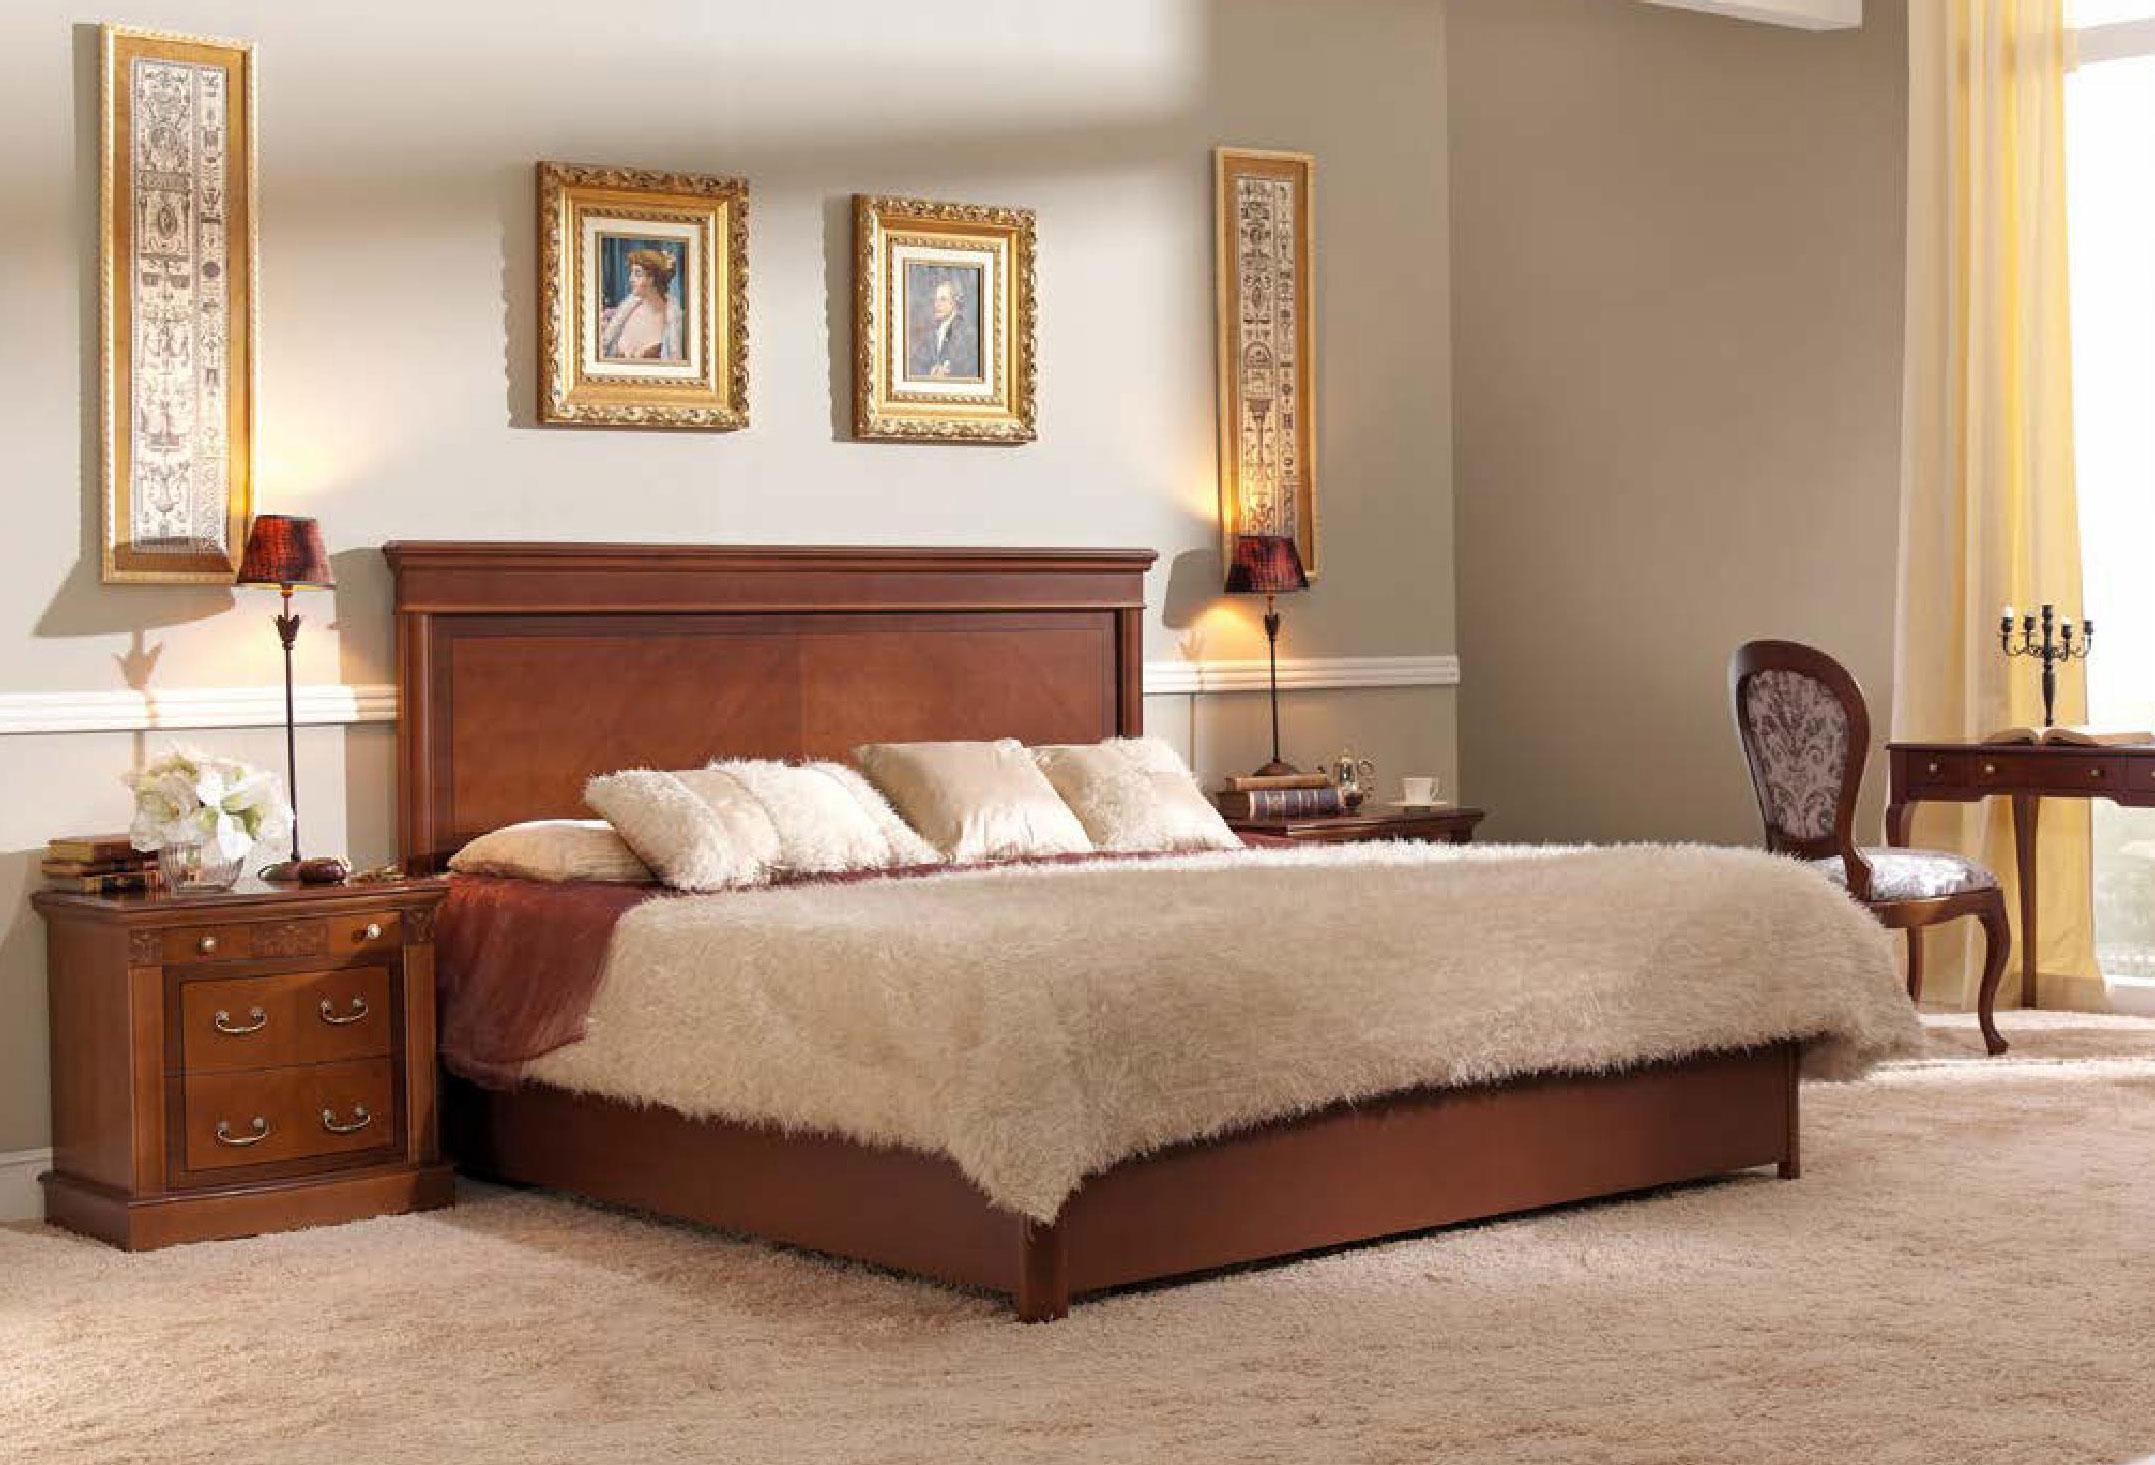 Luxusná rustikálna posteľ Castilla do spálne v klasickom štýle